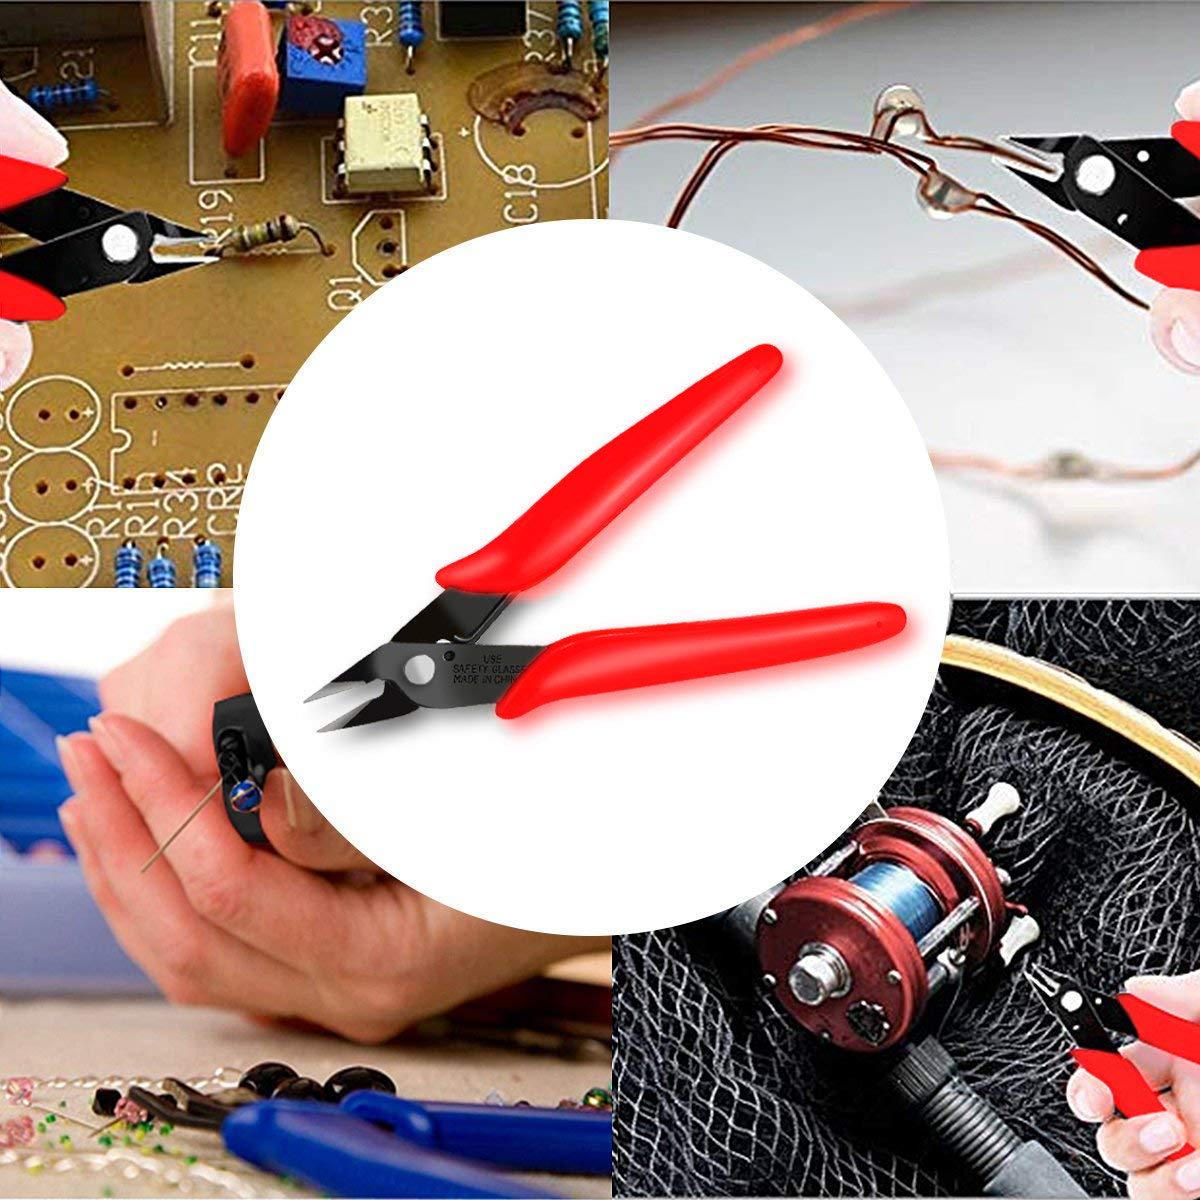 rouge Boenfu fil /électrique coupe-fil mini pince coupante c/ôt/é diagonal coupe affleurant bijoux Craft pince affleurante paquet de 2